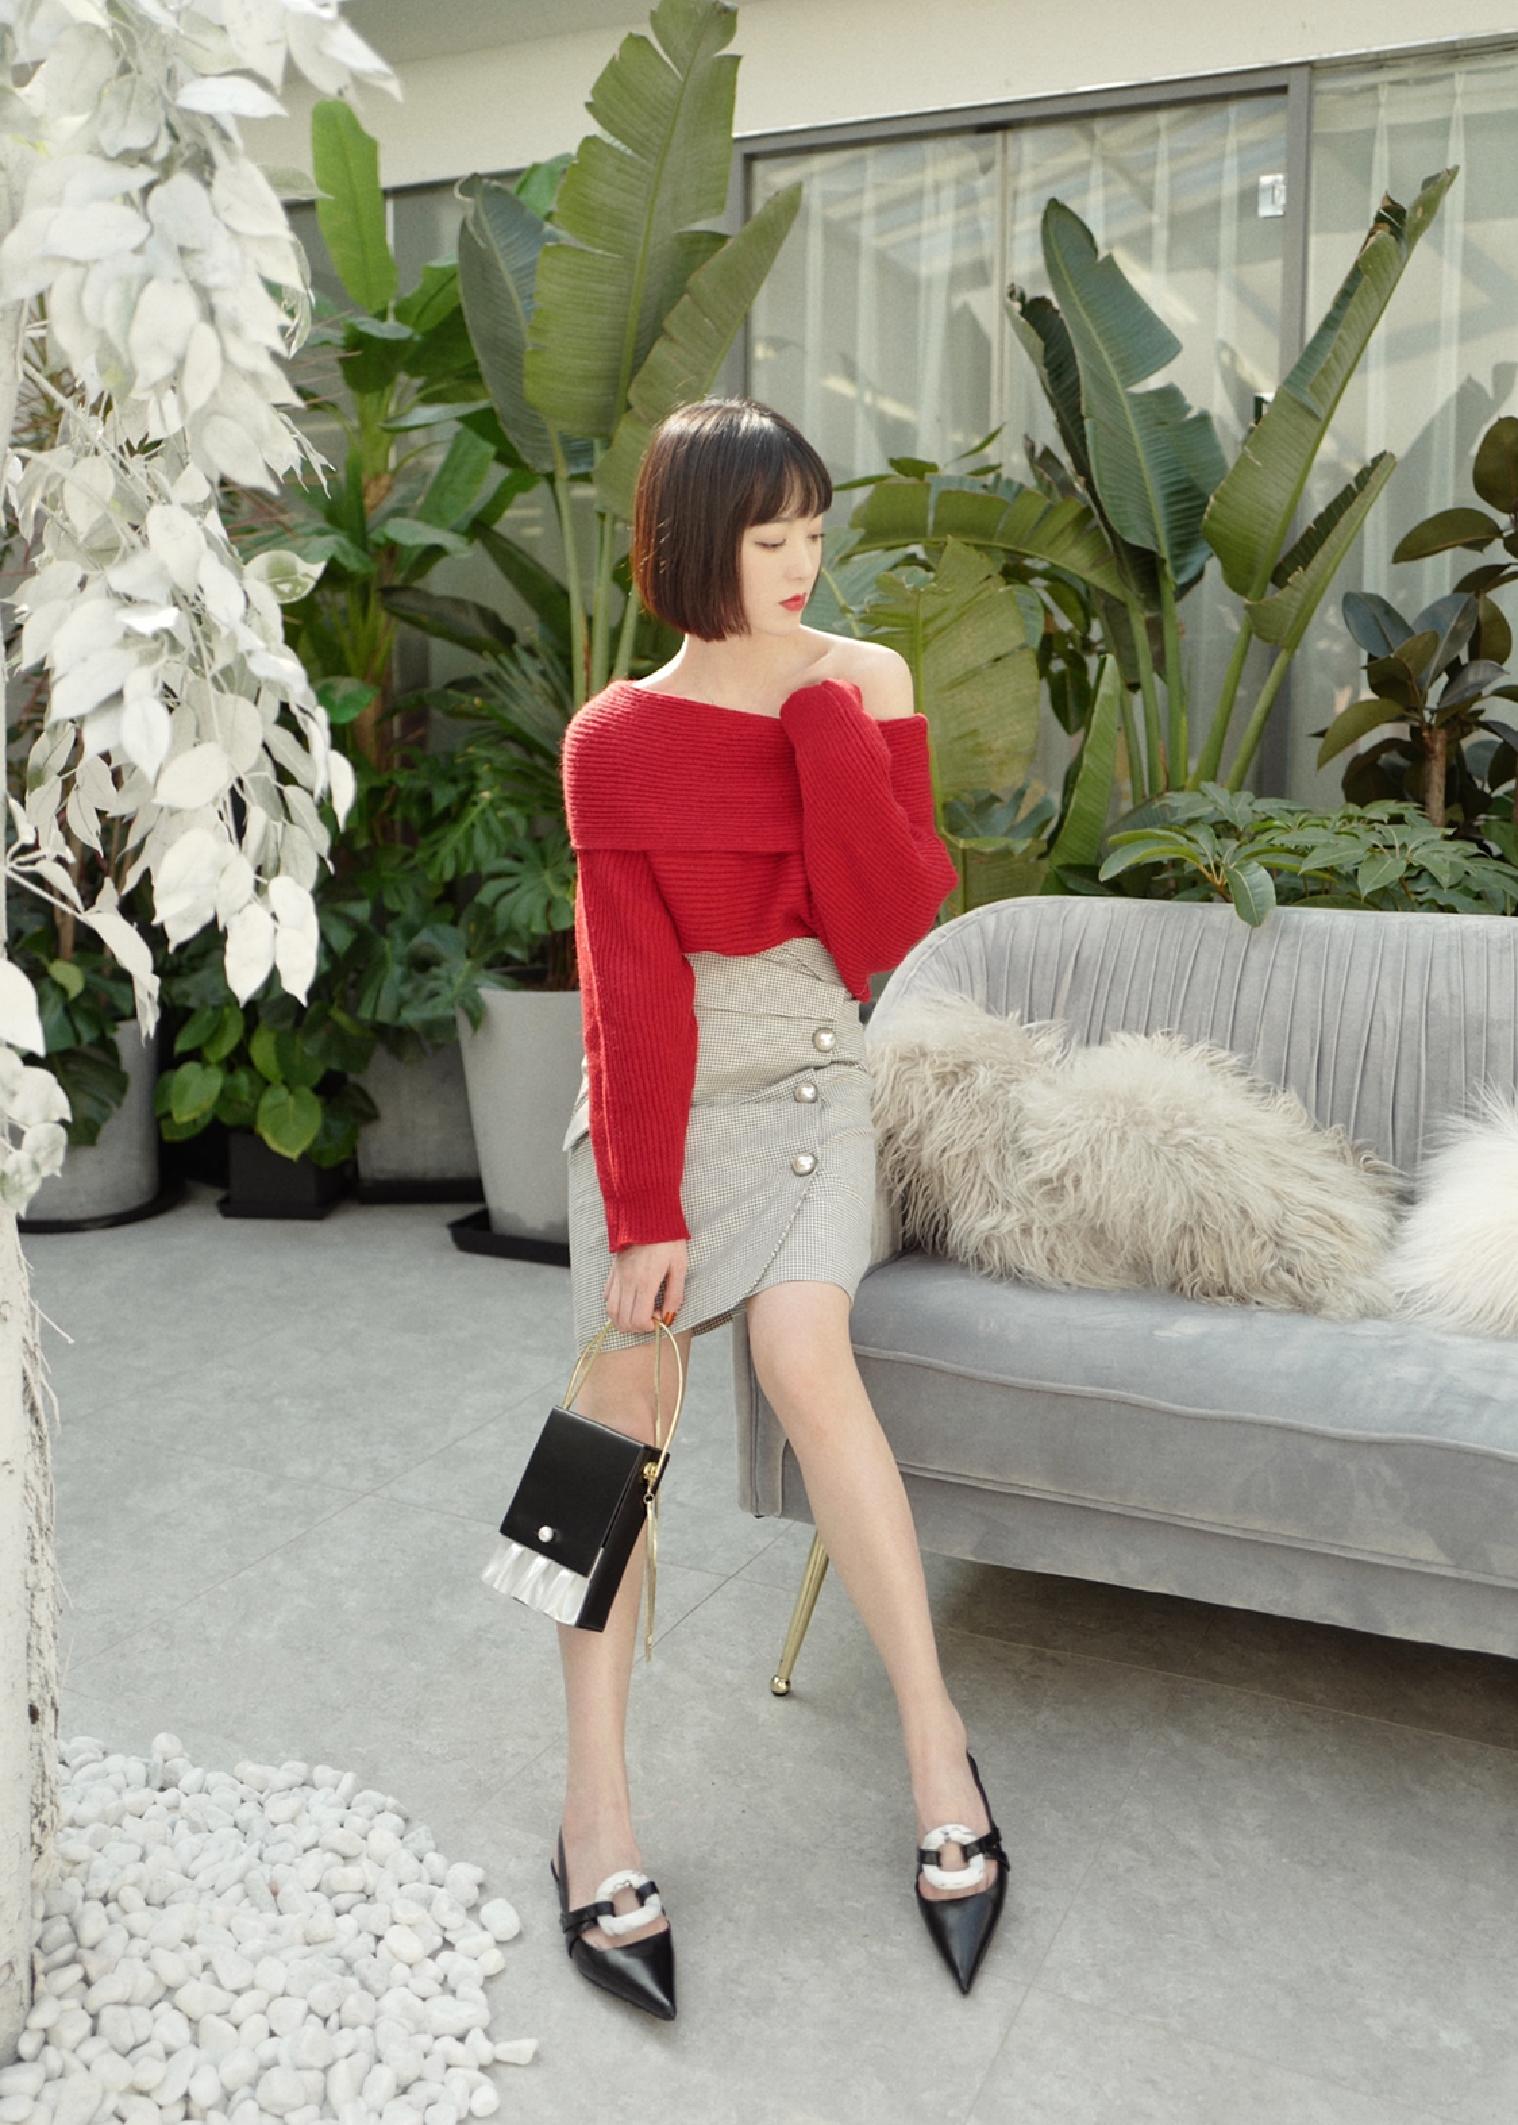 马上就要迎新年过春节啦~今天奉上一套过年红毛衣look!最爱一字领大毛衣,既保暖又时髦,露出锁骨散发迷人魅力,搭配精致的高腰格纹裙,修身显腿长哦!温柔又小露性感的styling❤️#本命年的红,这样穿才好看~# 毛衣:MOOD X MIURA 裙子:MOOD X MIURA 包包:KITAYAMA北山制包所